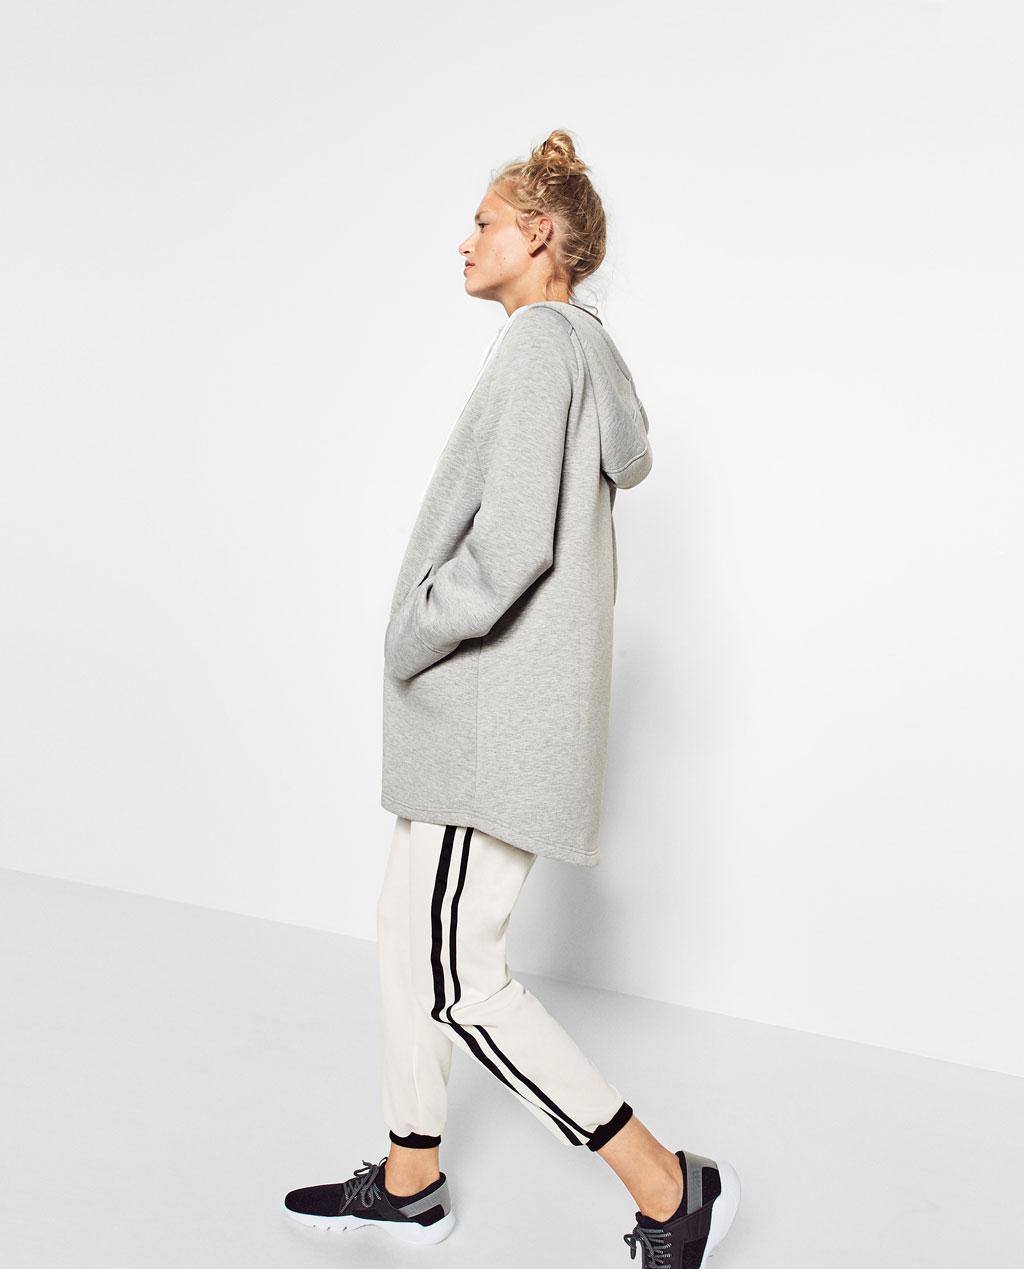 Zara $59.90